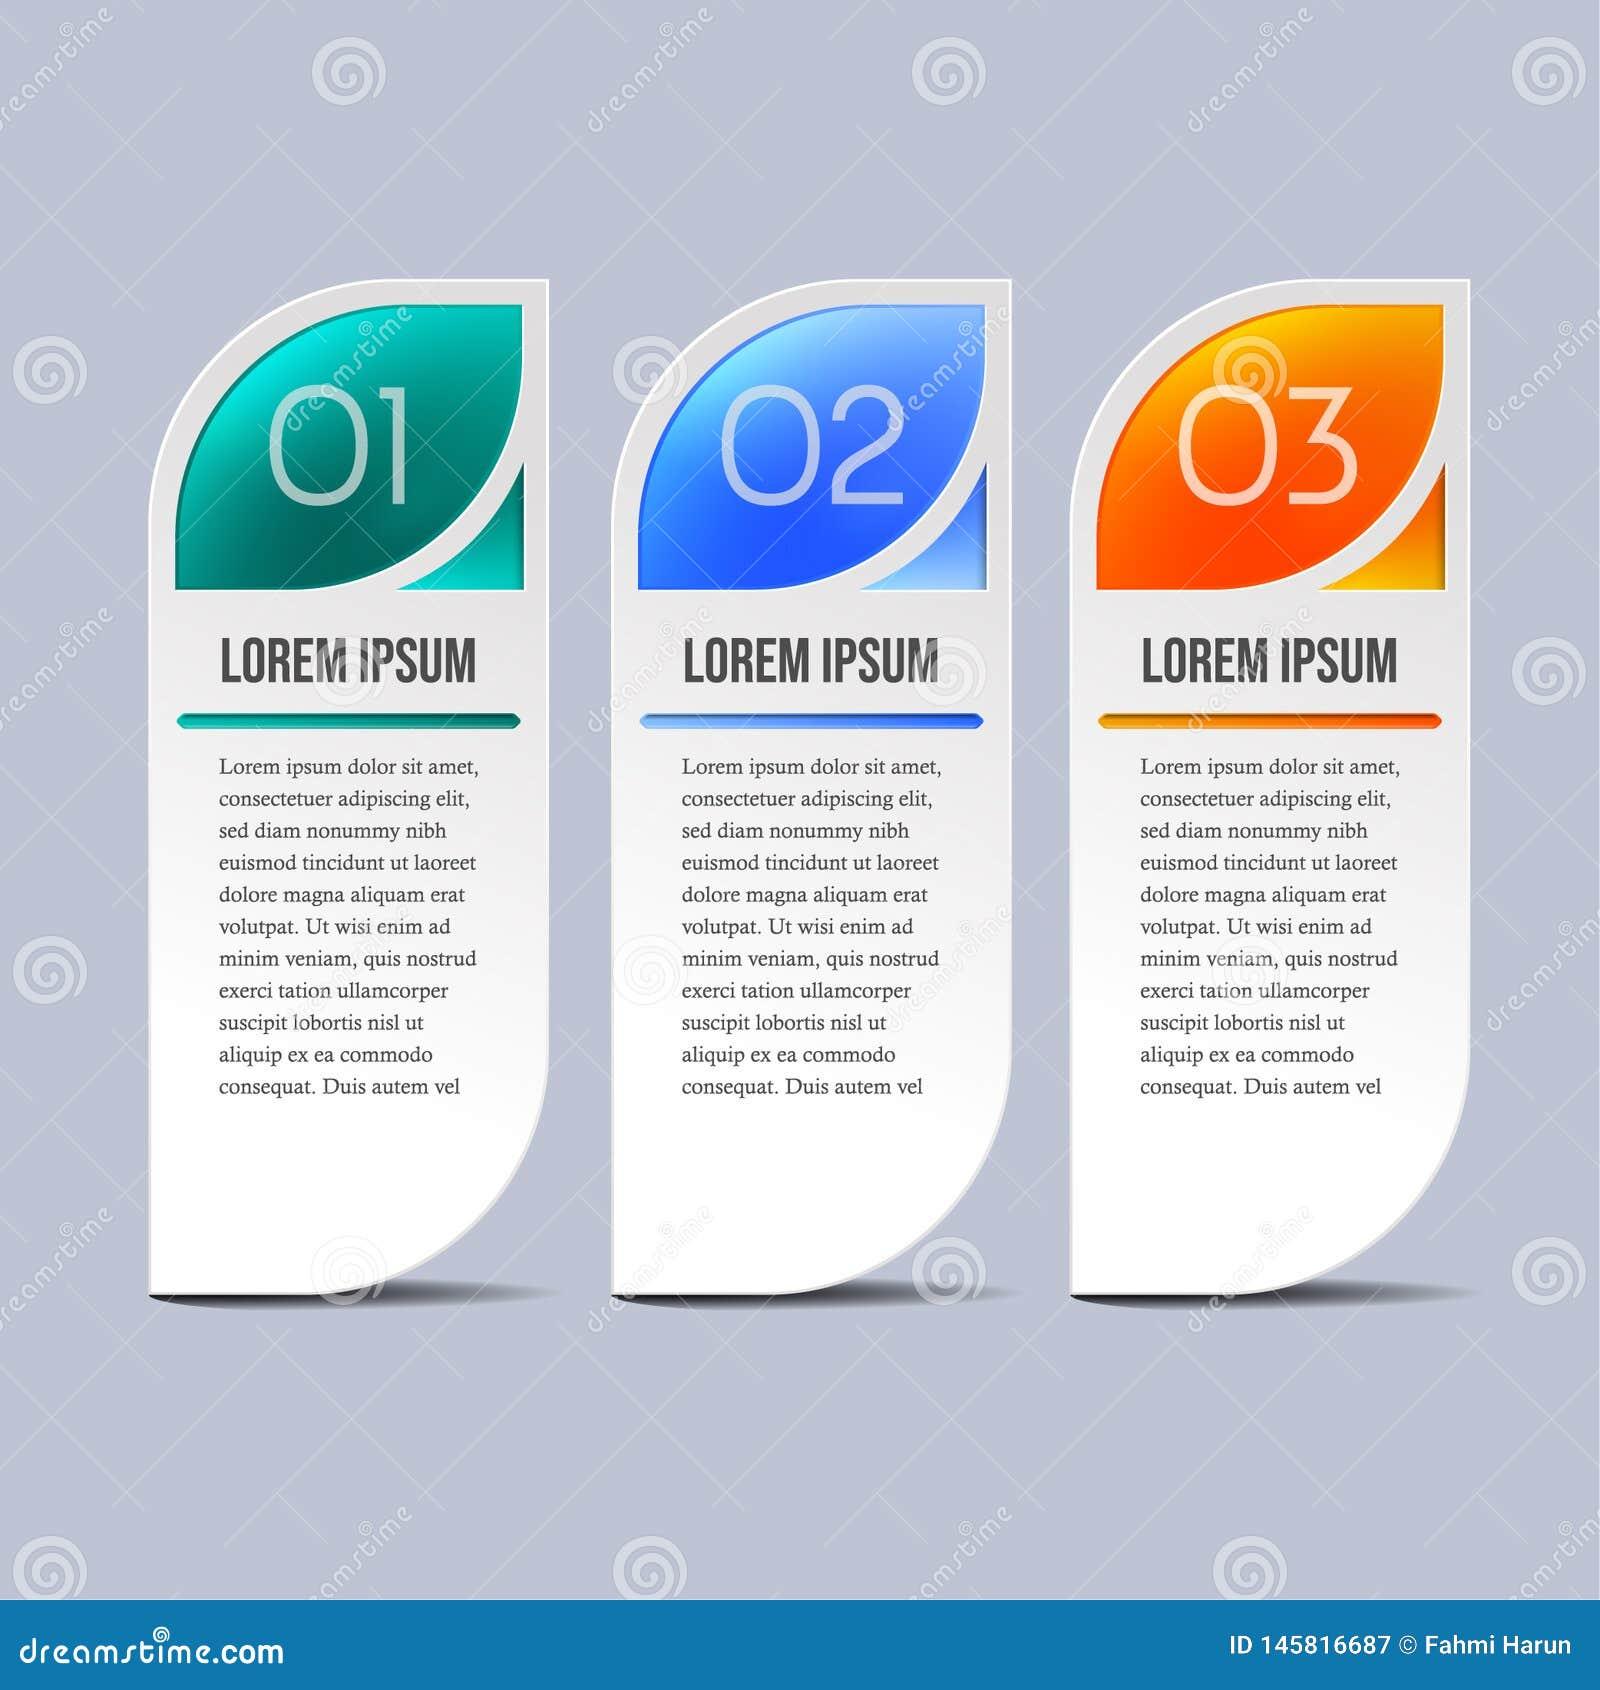 Elementos de Infographic del negocio en tres colores